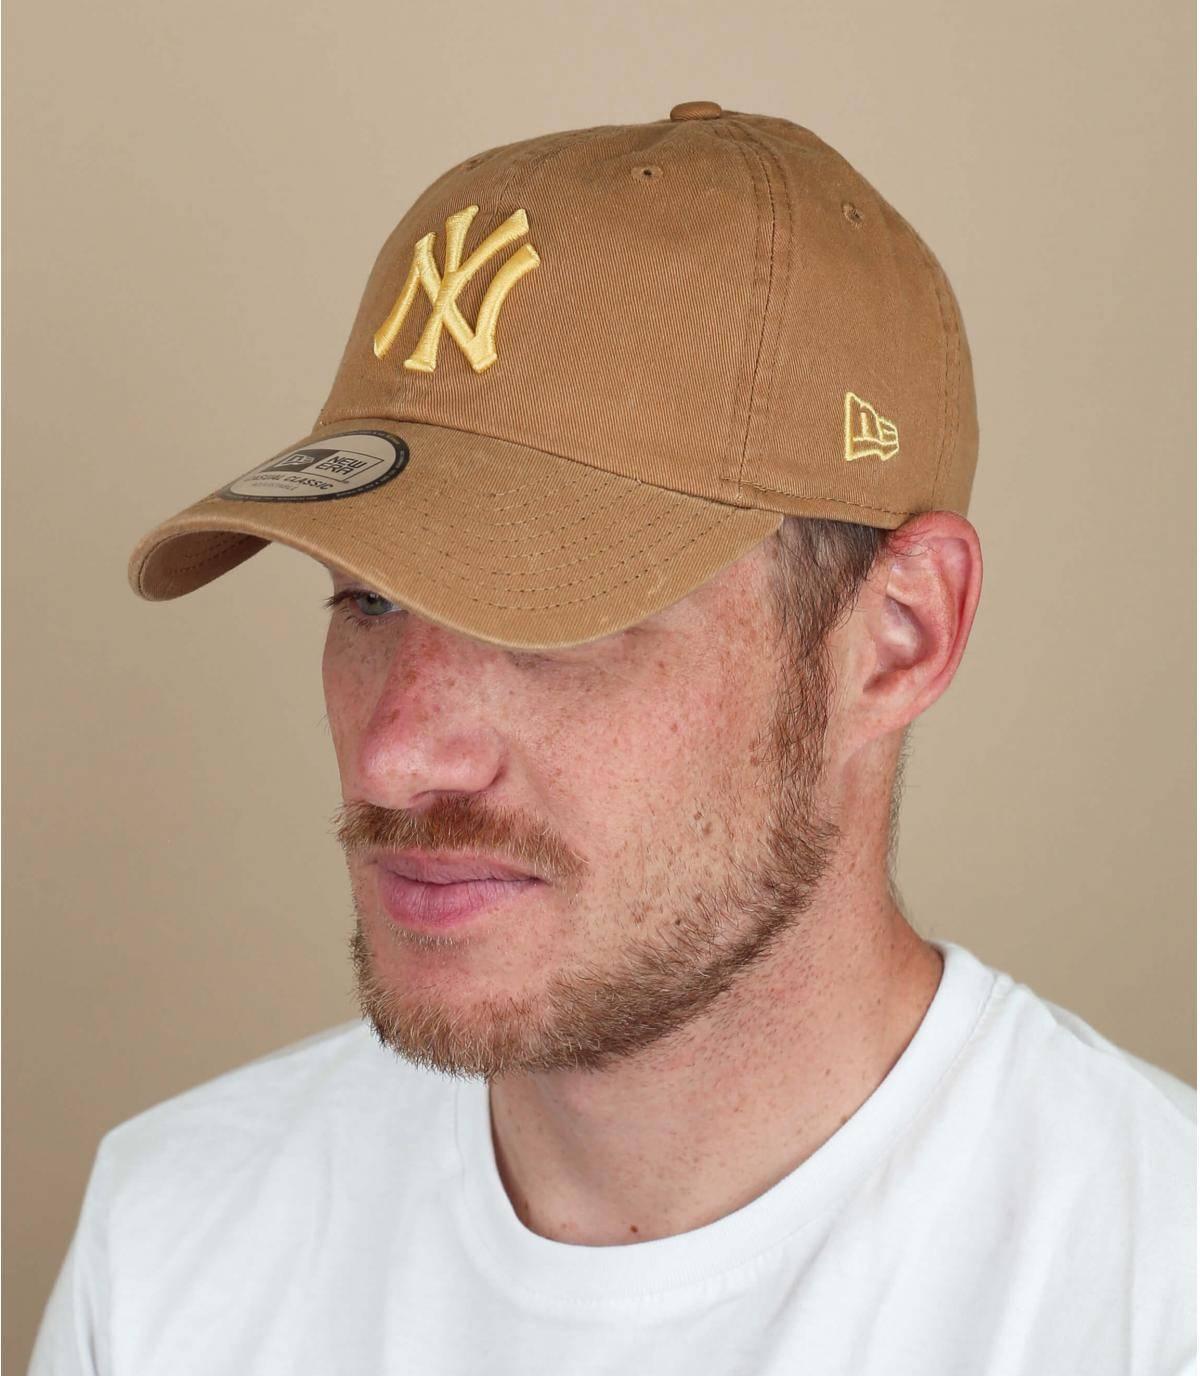 cappellino NY beige